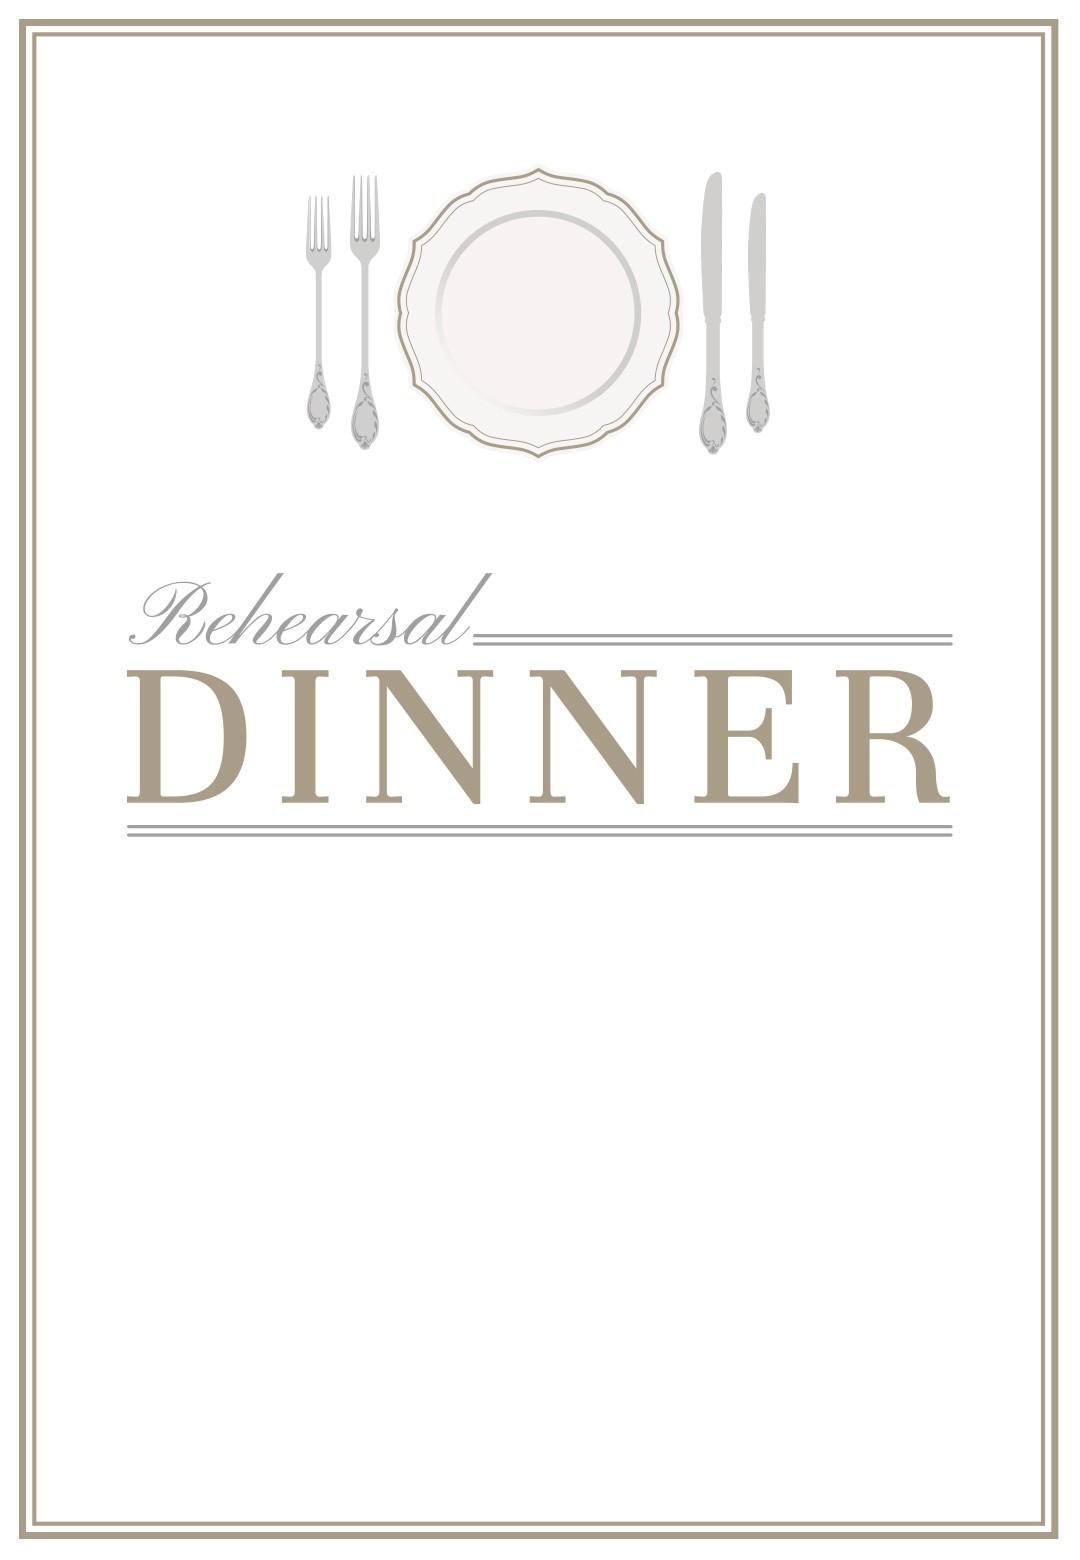 dinner invitation templates free printable